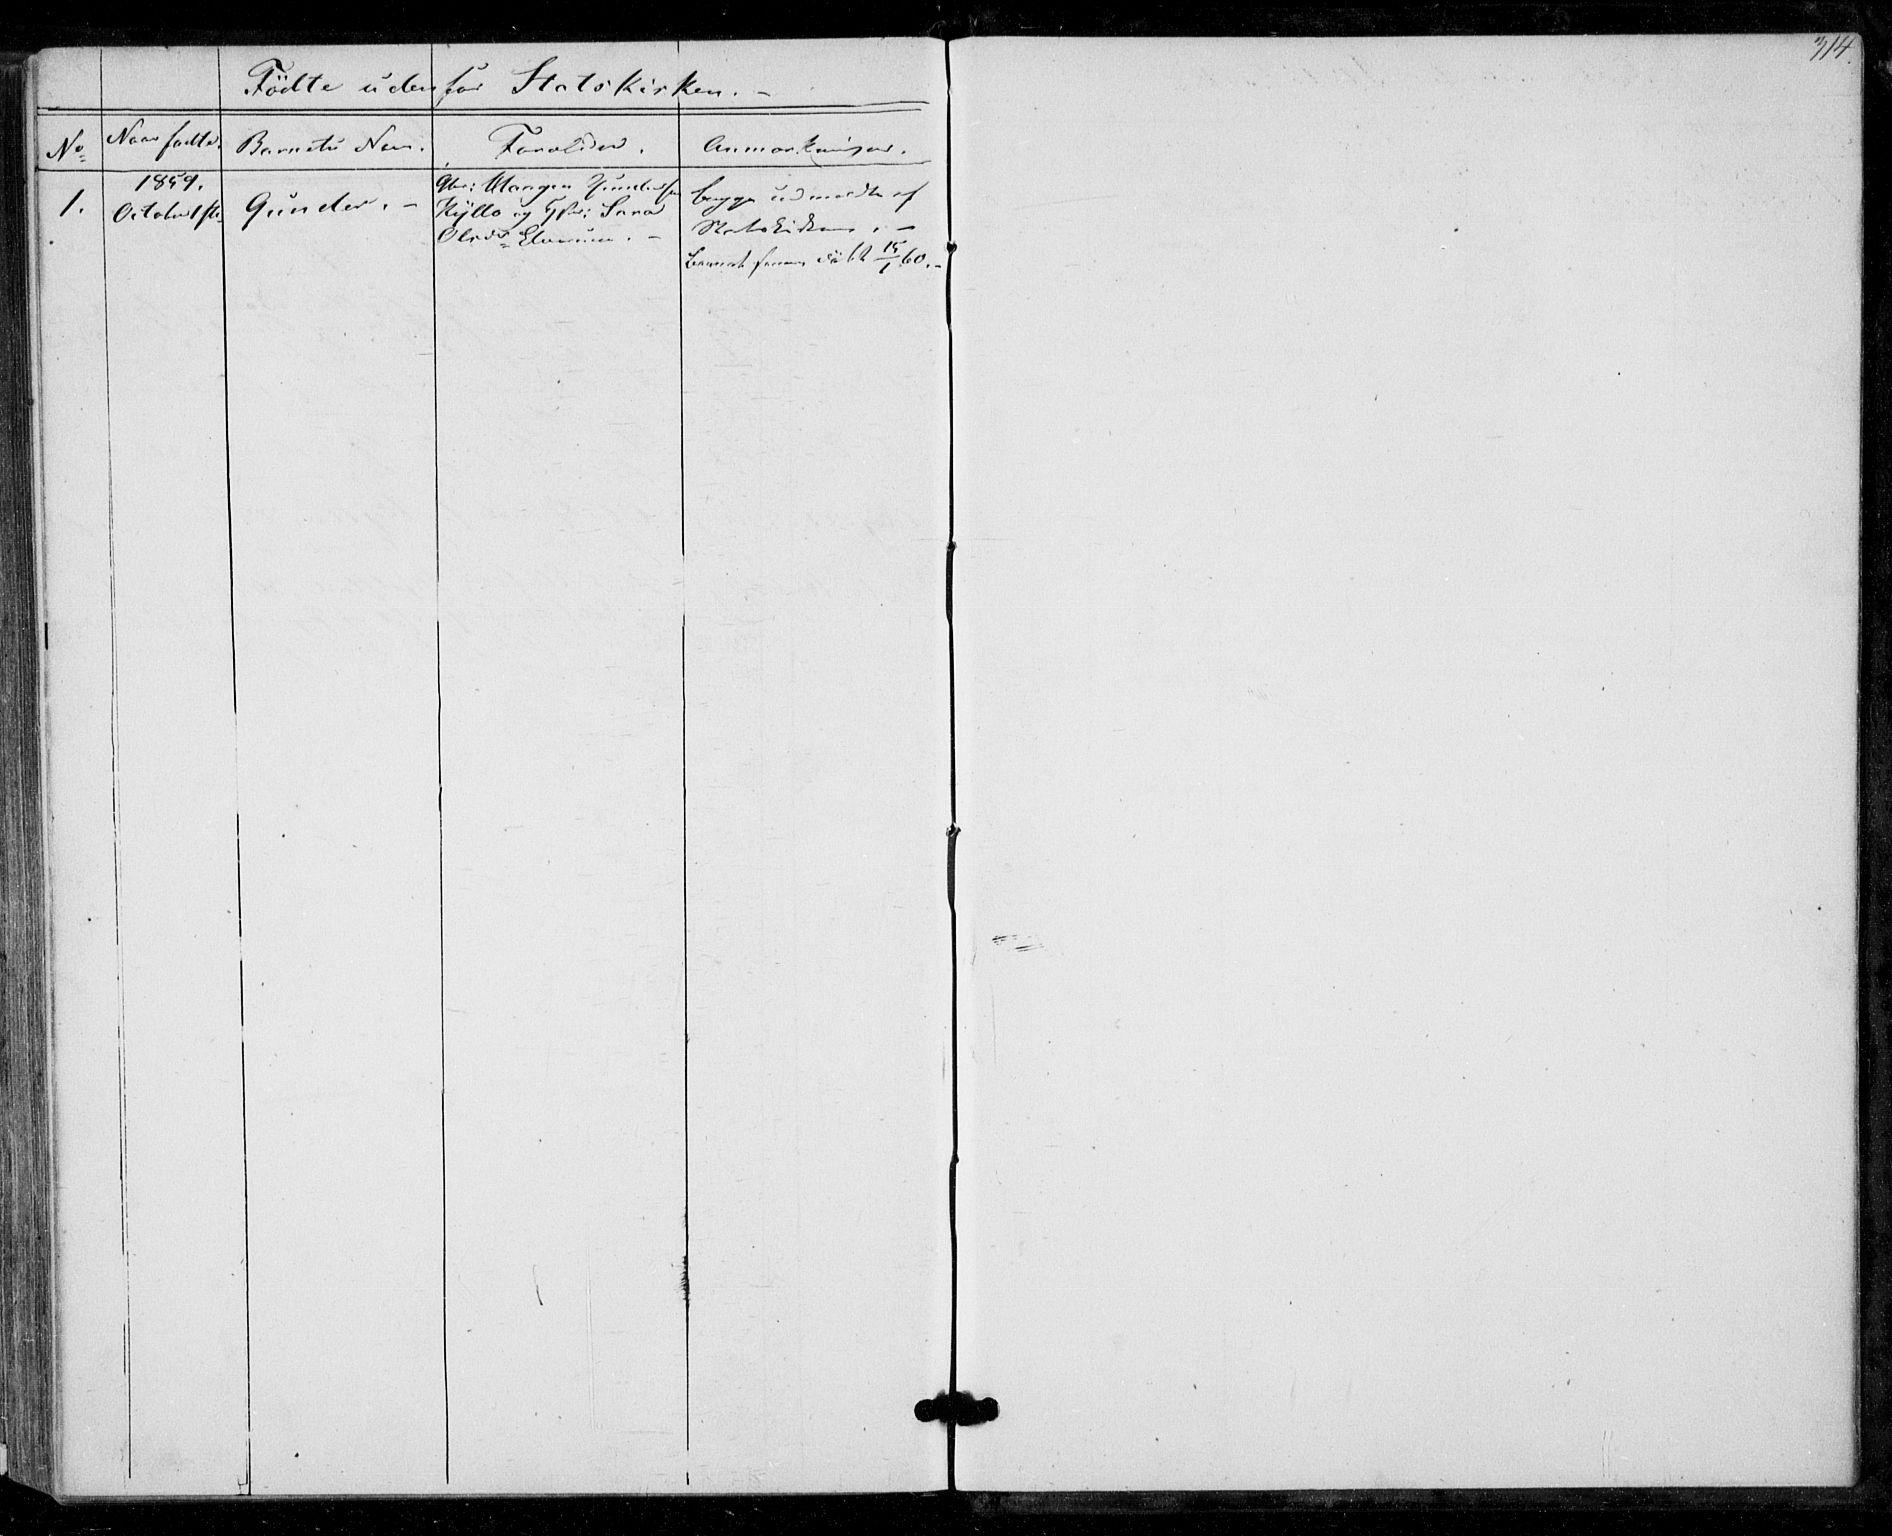 SAT, Ministerialprotokoller, klokkerbøker og fødselsregistre - Nord-Trøndelag, 703/L0028: Parish register (official) no. 703A01, 1850-1862, p. 314